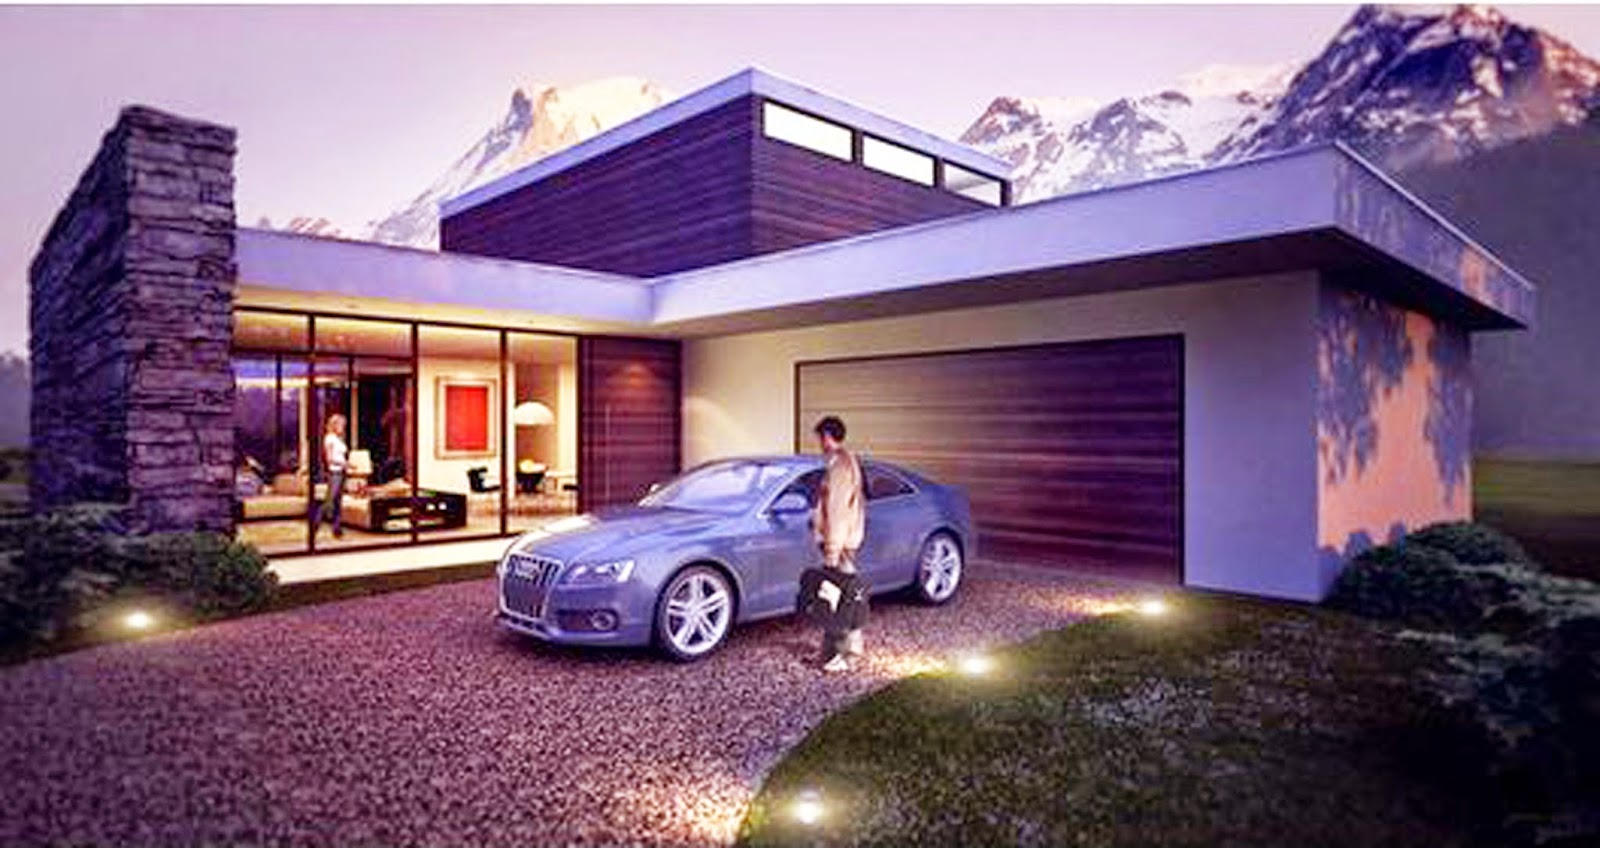 Casa prefabricada anti sismica fantazia casas for Ristrutturare casa low cost